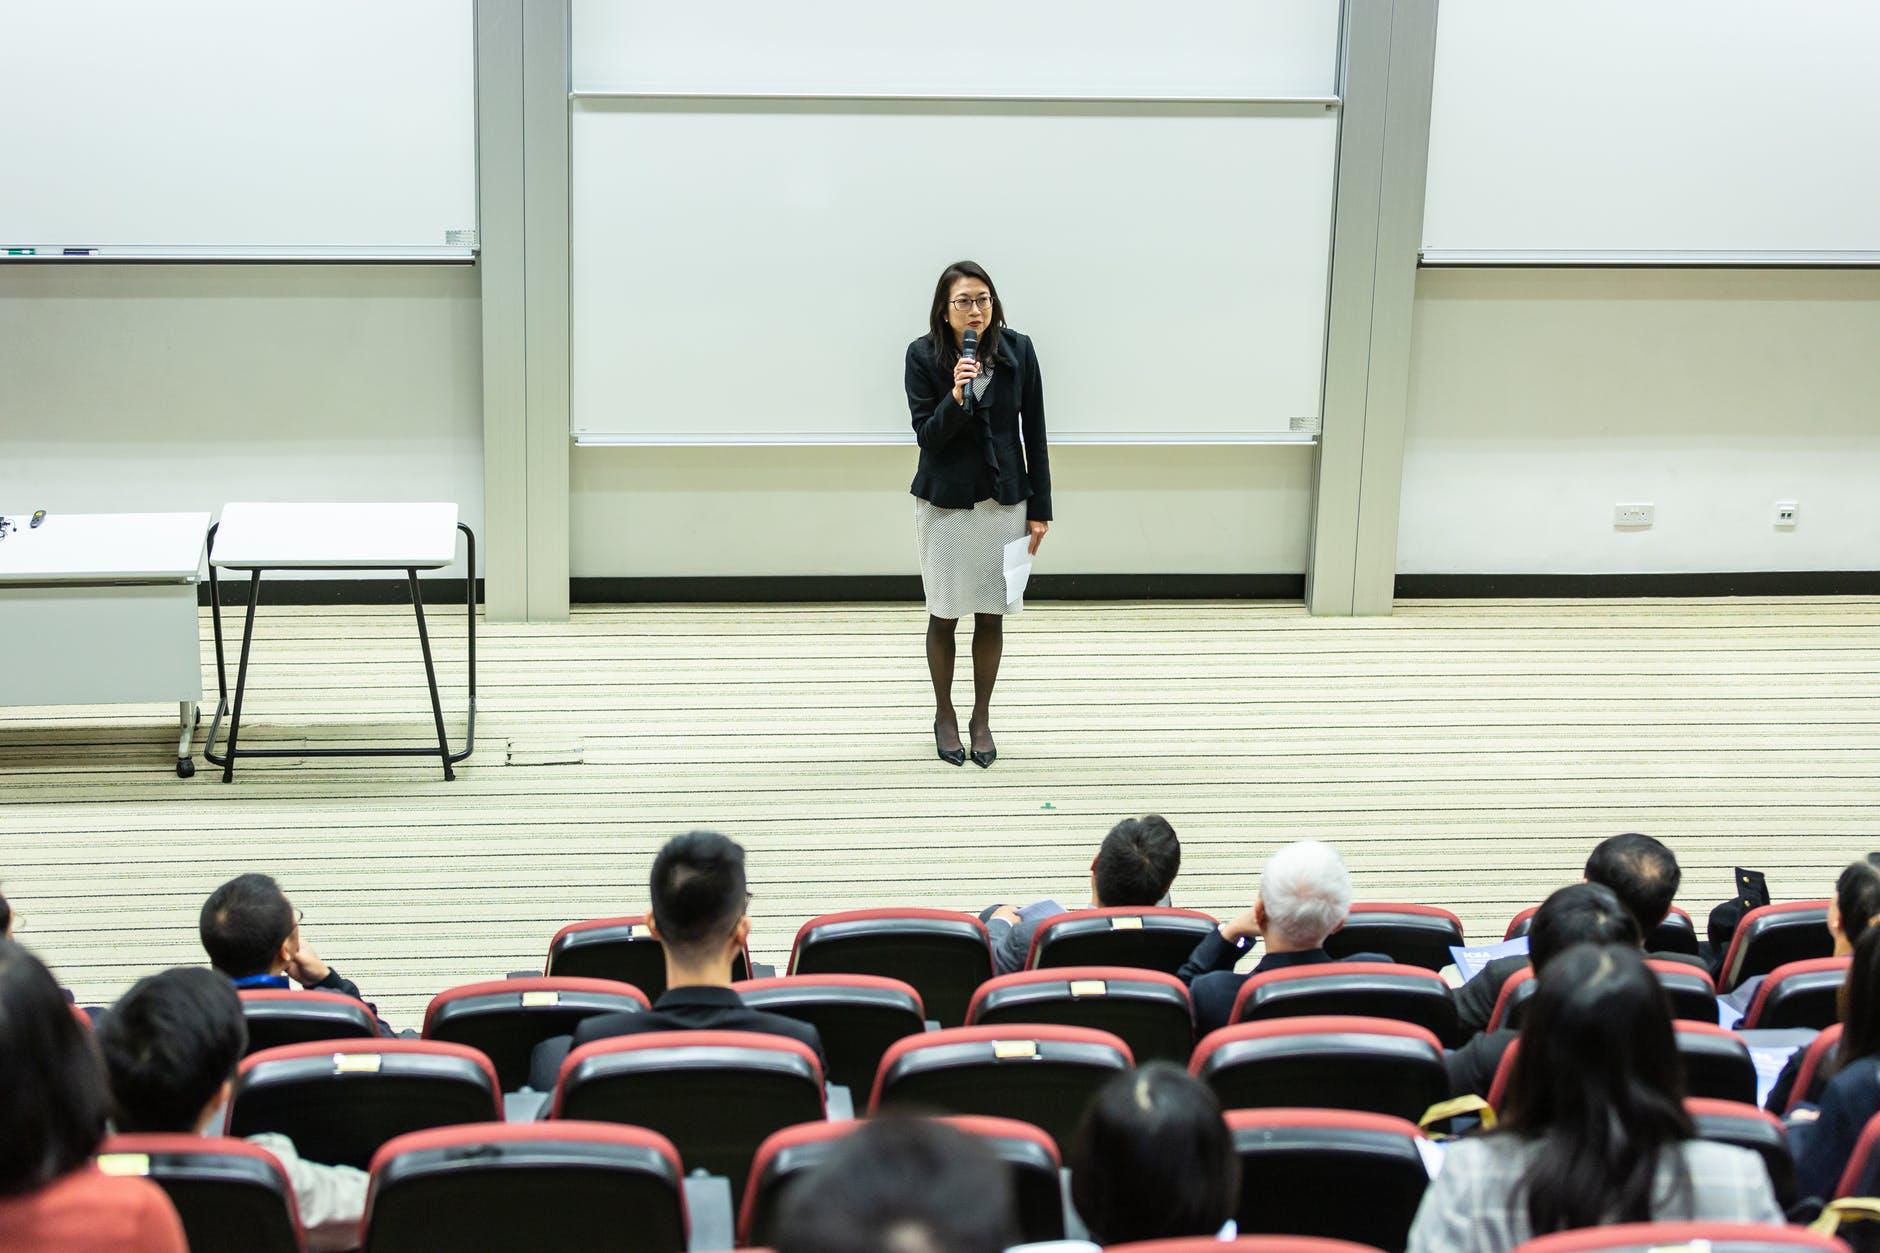 Açıklama, bir konuda bilgi vermek amacıyla kullanılan yöntemdir.